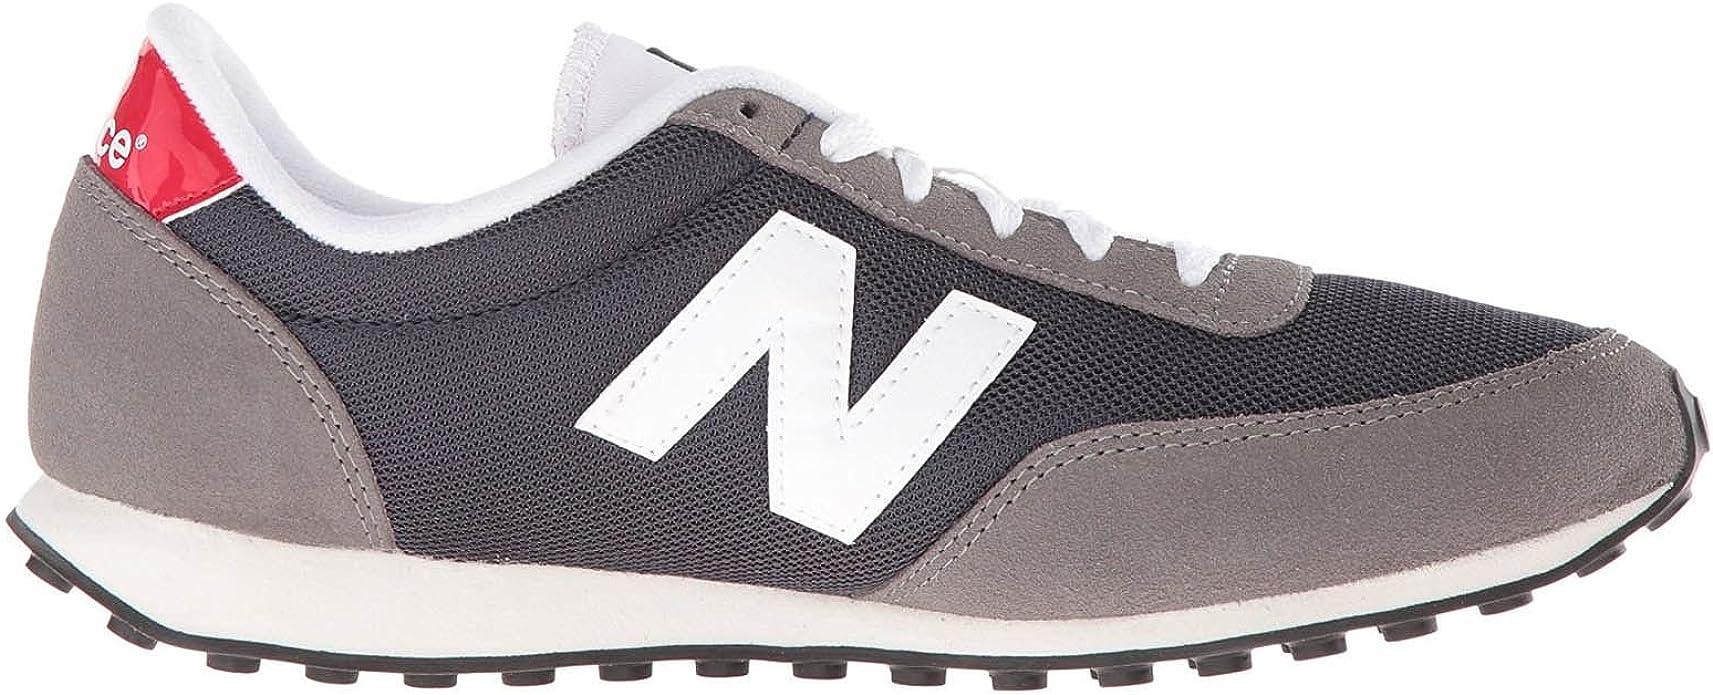 Desnatar hambruna Rango  La Redoute New Balance Mens U410qt Low Top Trainers: Amazon.ca: Shoes &  Handbags